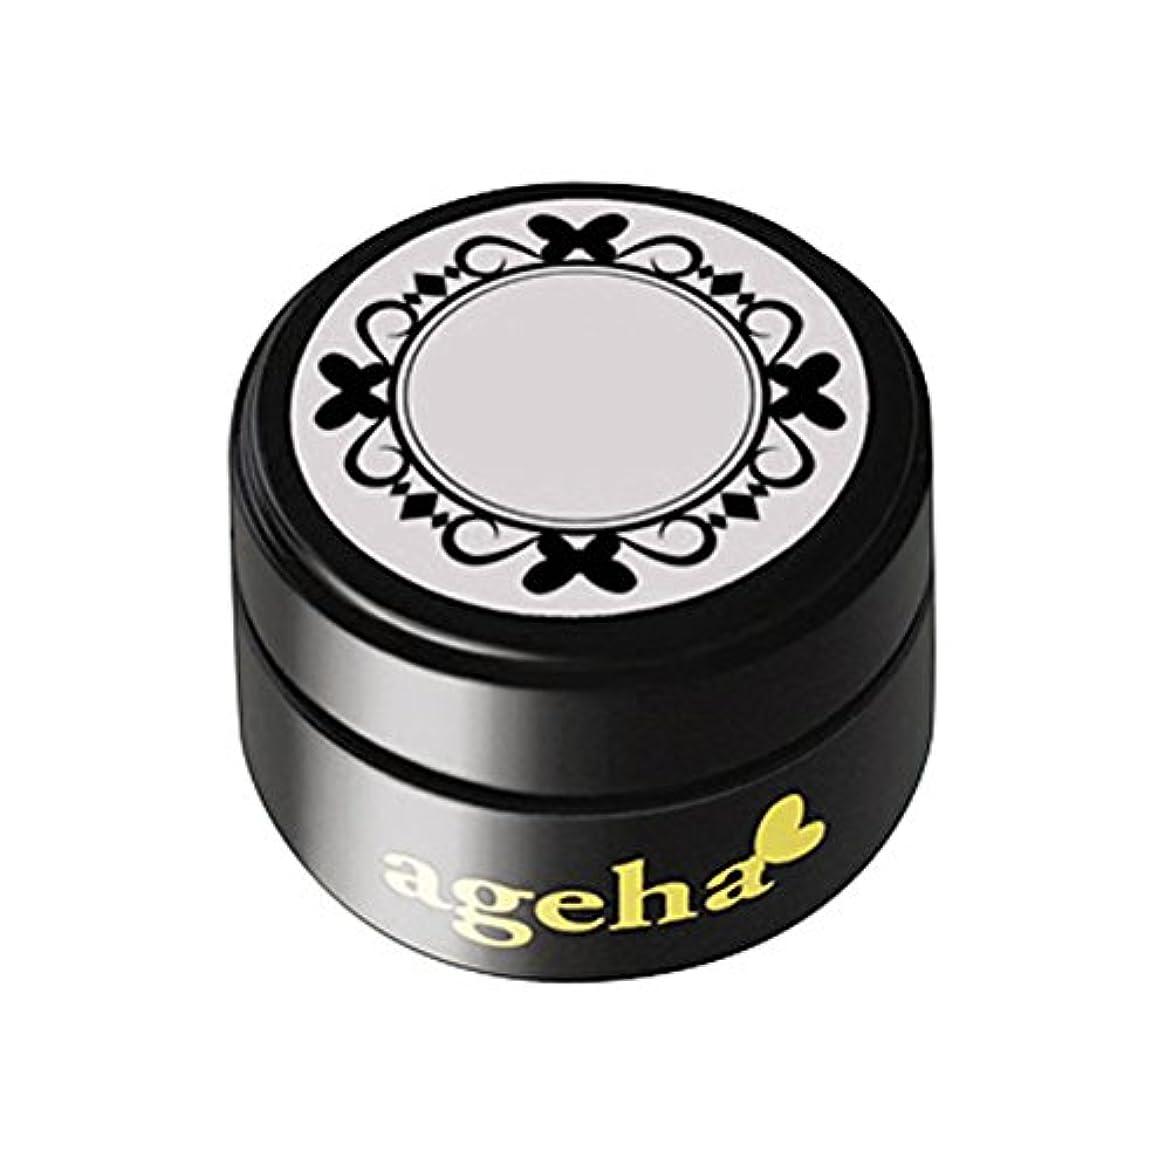 ジェームズダイソンリフレッシュしなければならないageha gel カラージェル コスメカラー 102 トリアノン 2.7g UV/LED対応